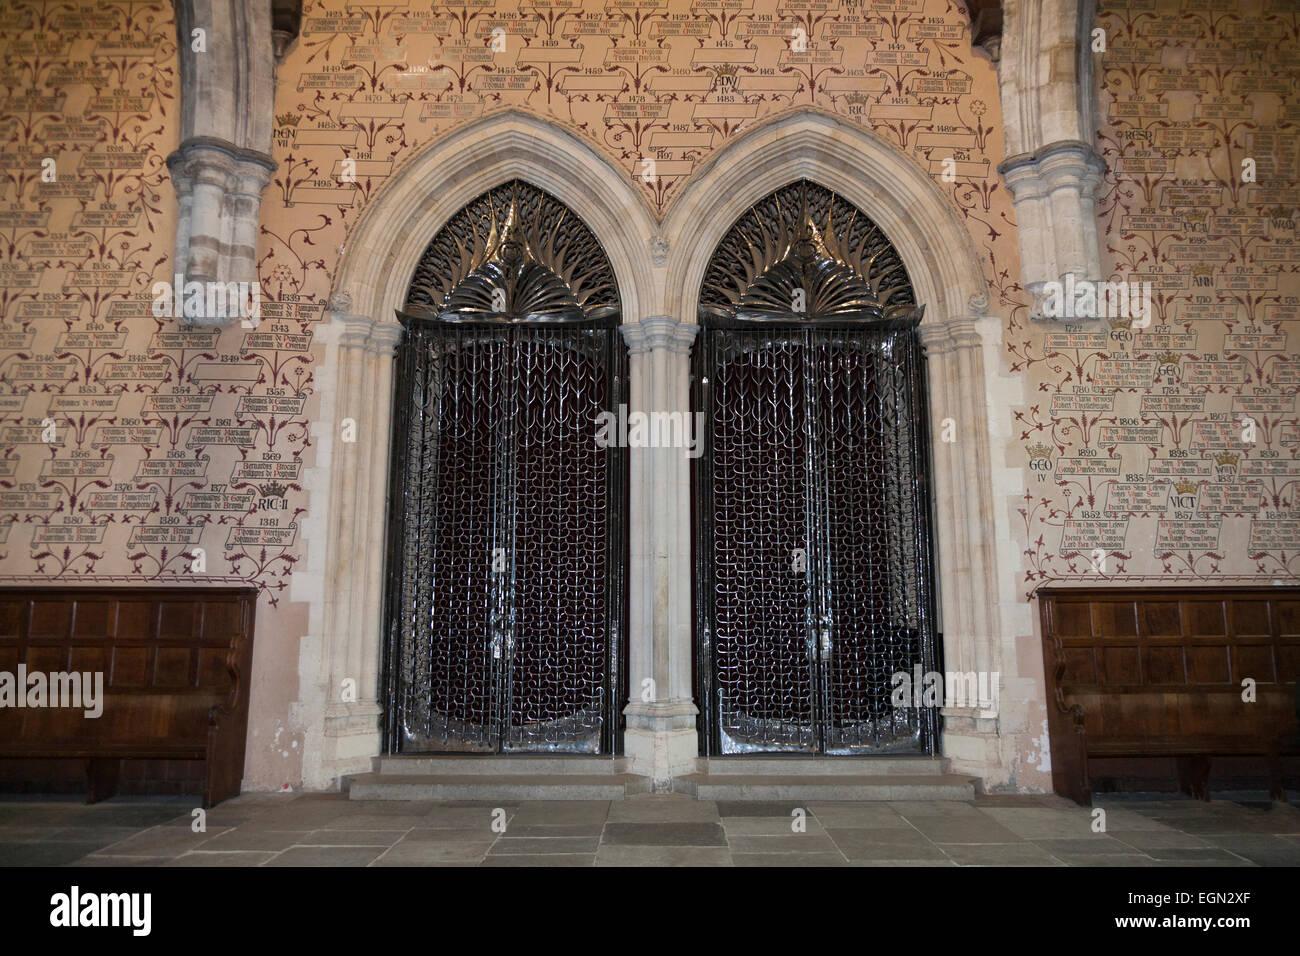 Puerta de acero forjado para puertas con arcos Portones portales